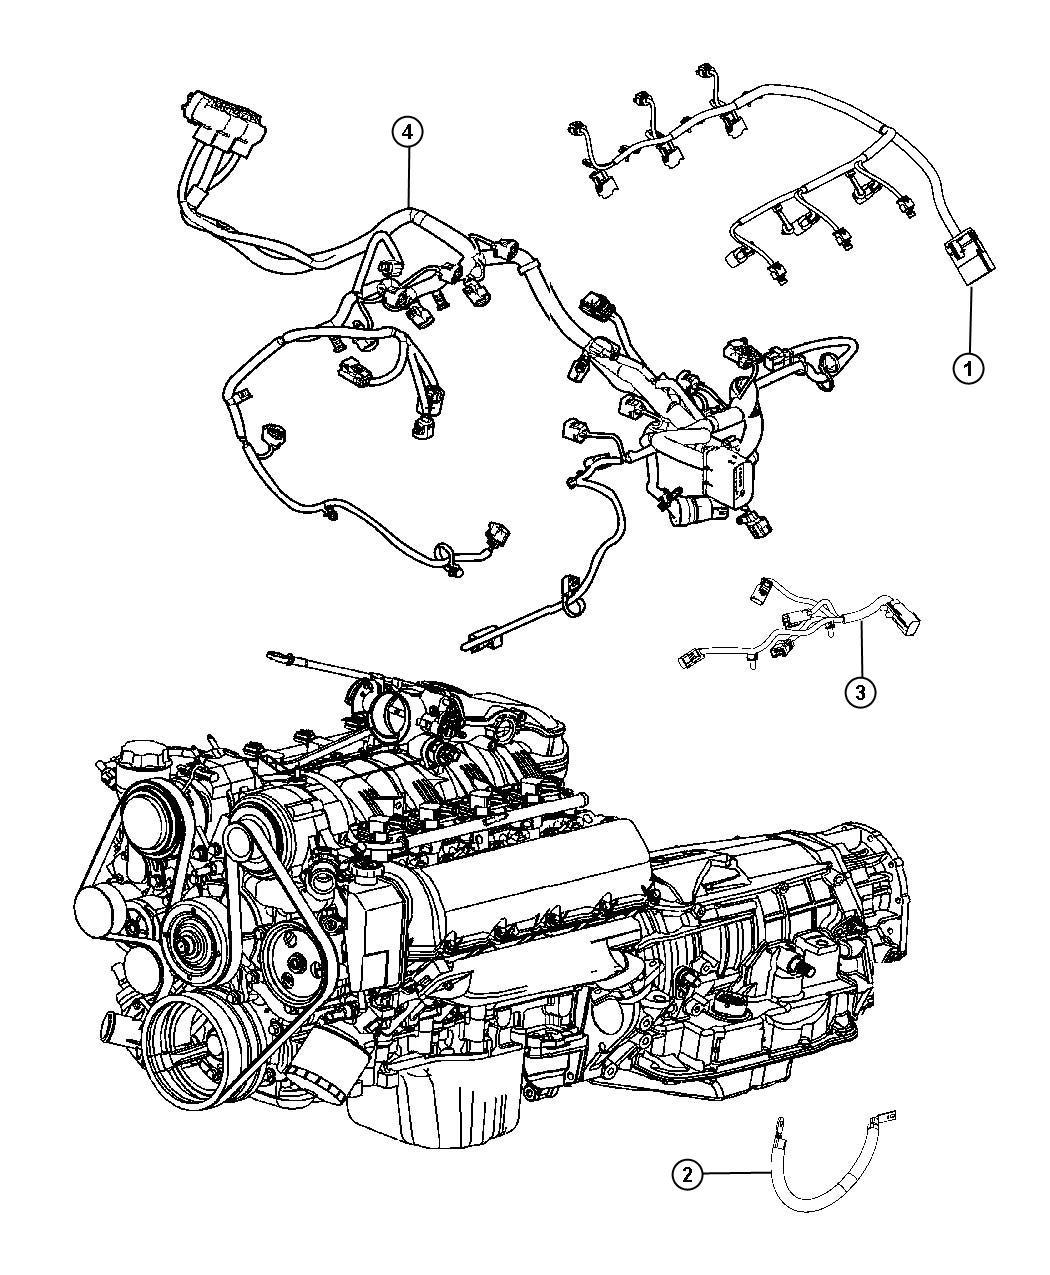 Dodge Durango Wiring Ground Jumper Up To 4 12 10